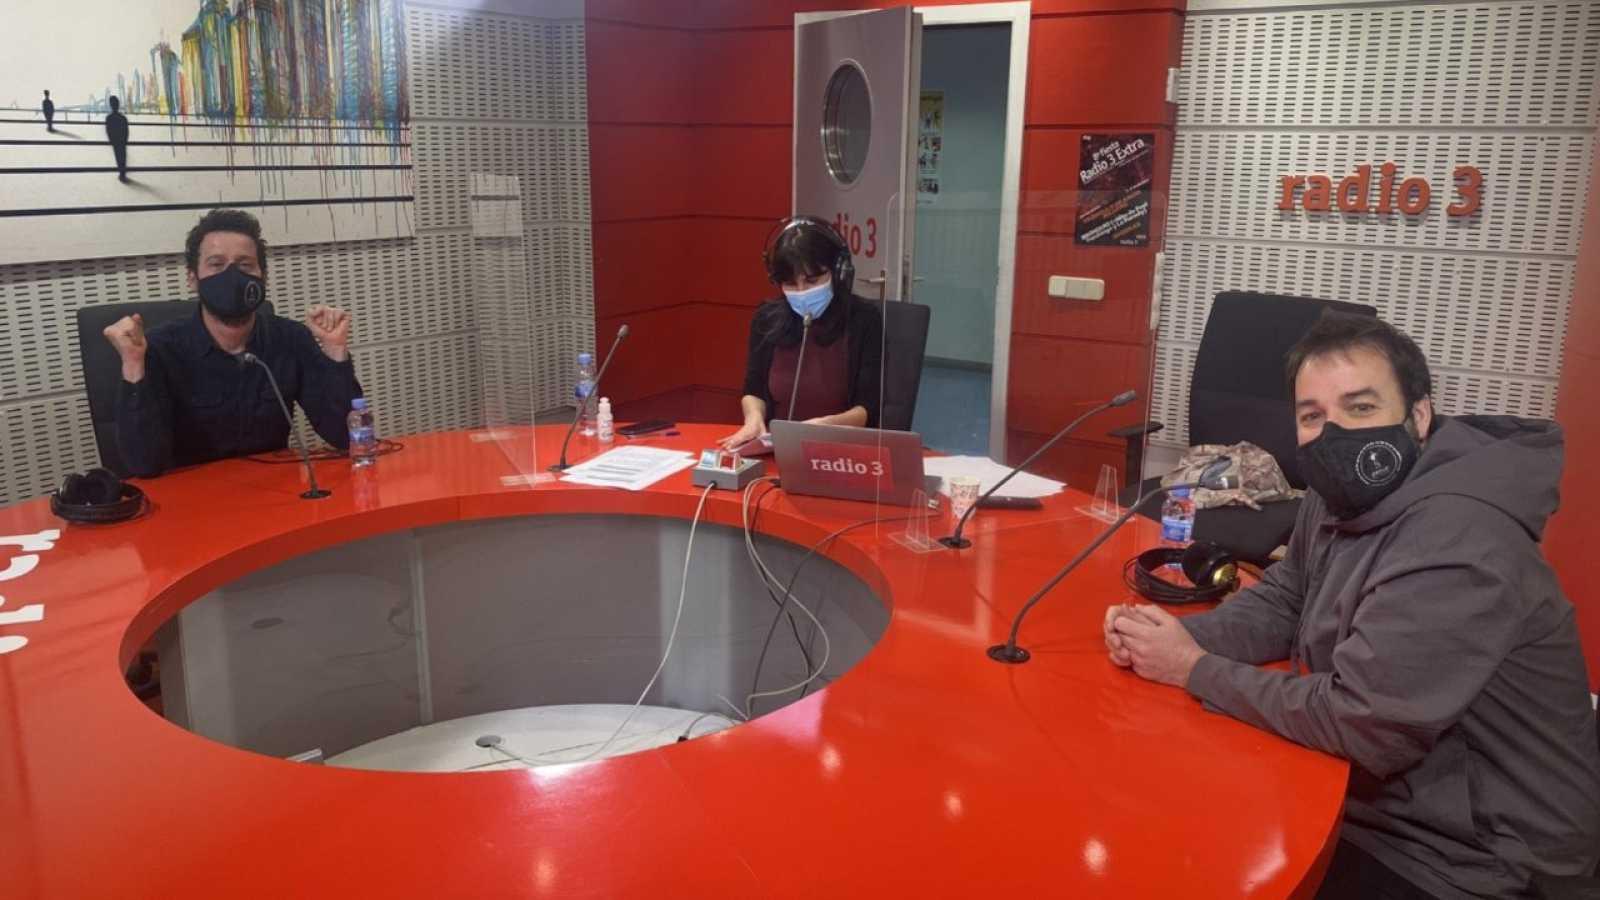 Hoy empieza todo con Marta Echeverría - Niños mutantes, Arquitectura prematura y mucho más - 08/04/21 - escuchar ahora